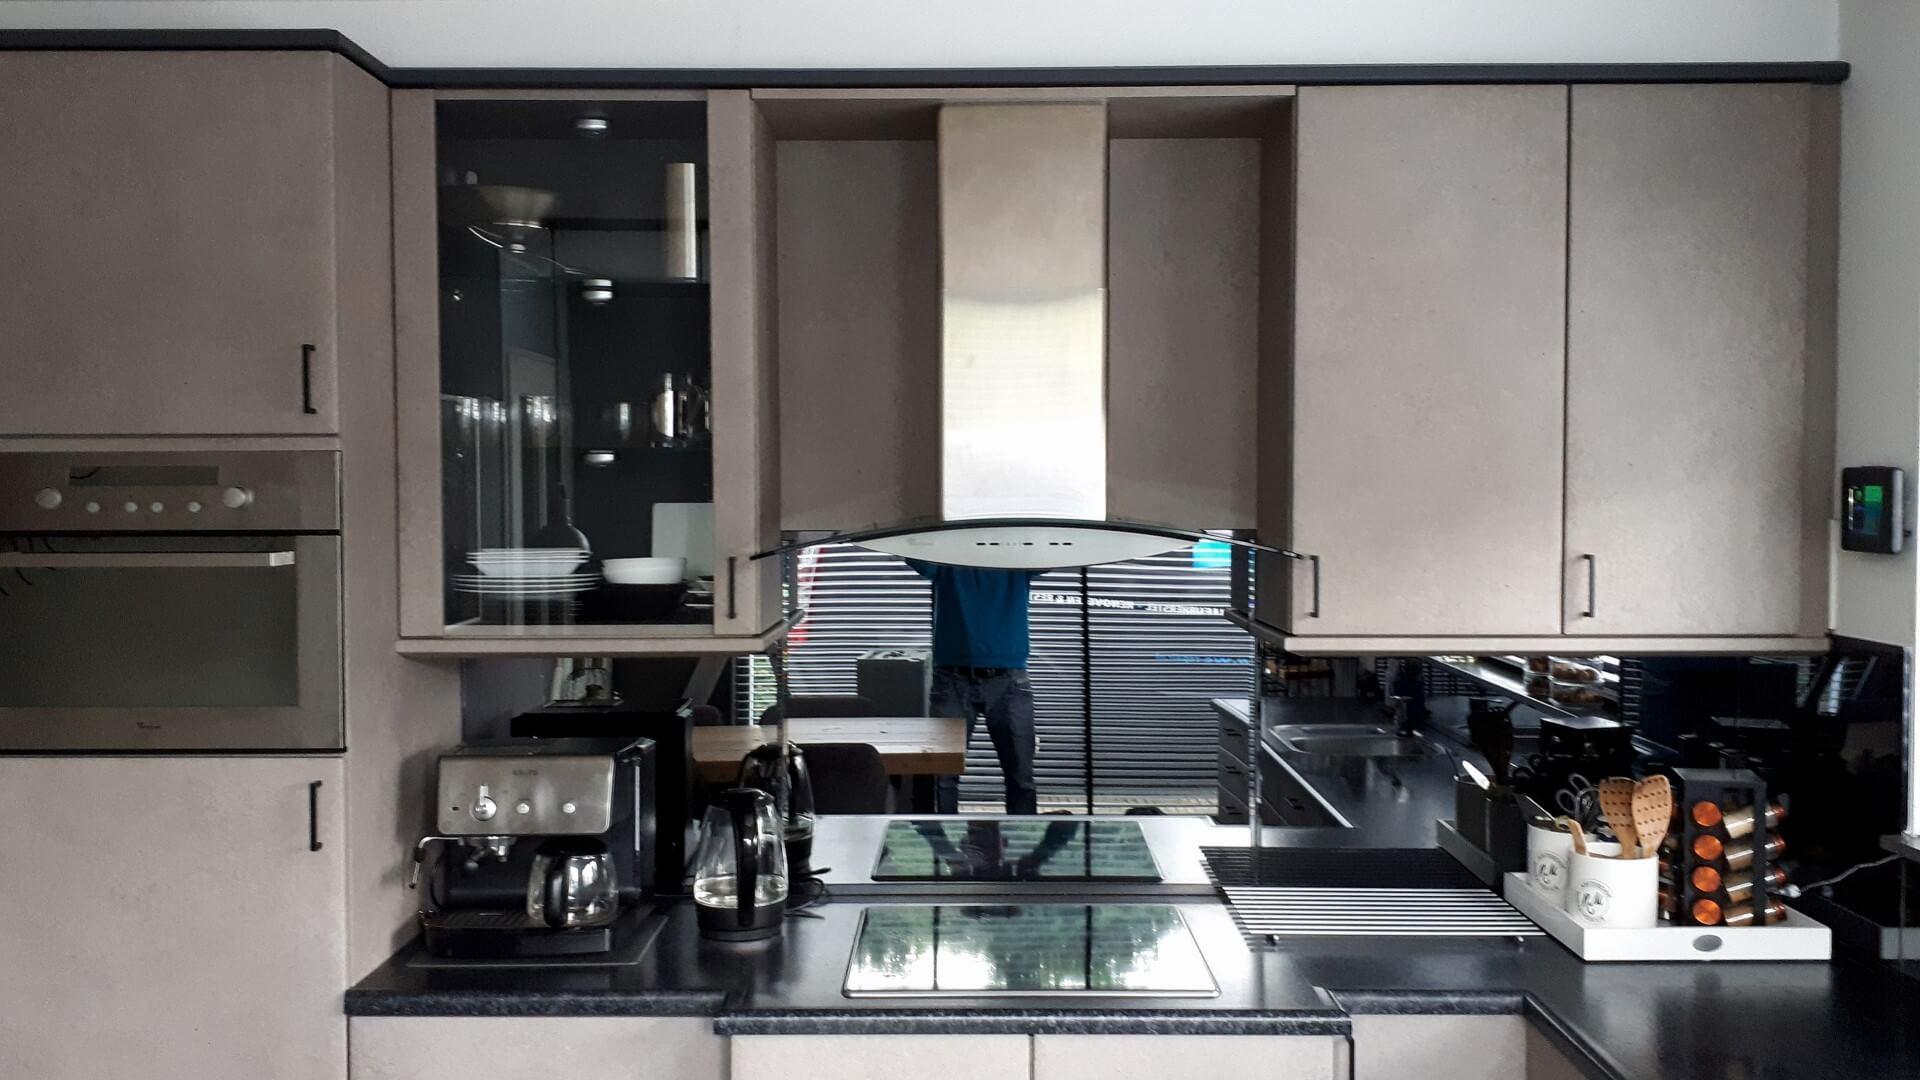 beuken keuken wrappen interieurfolie betonlook / antraciet